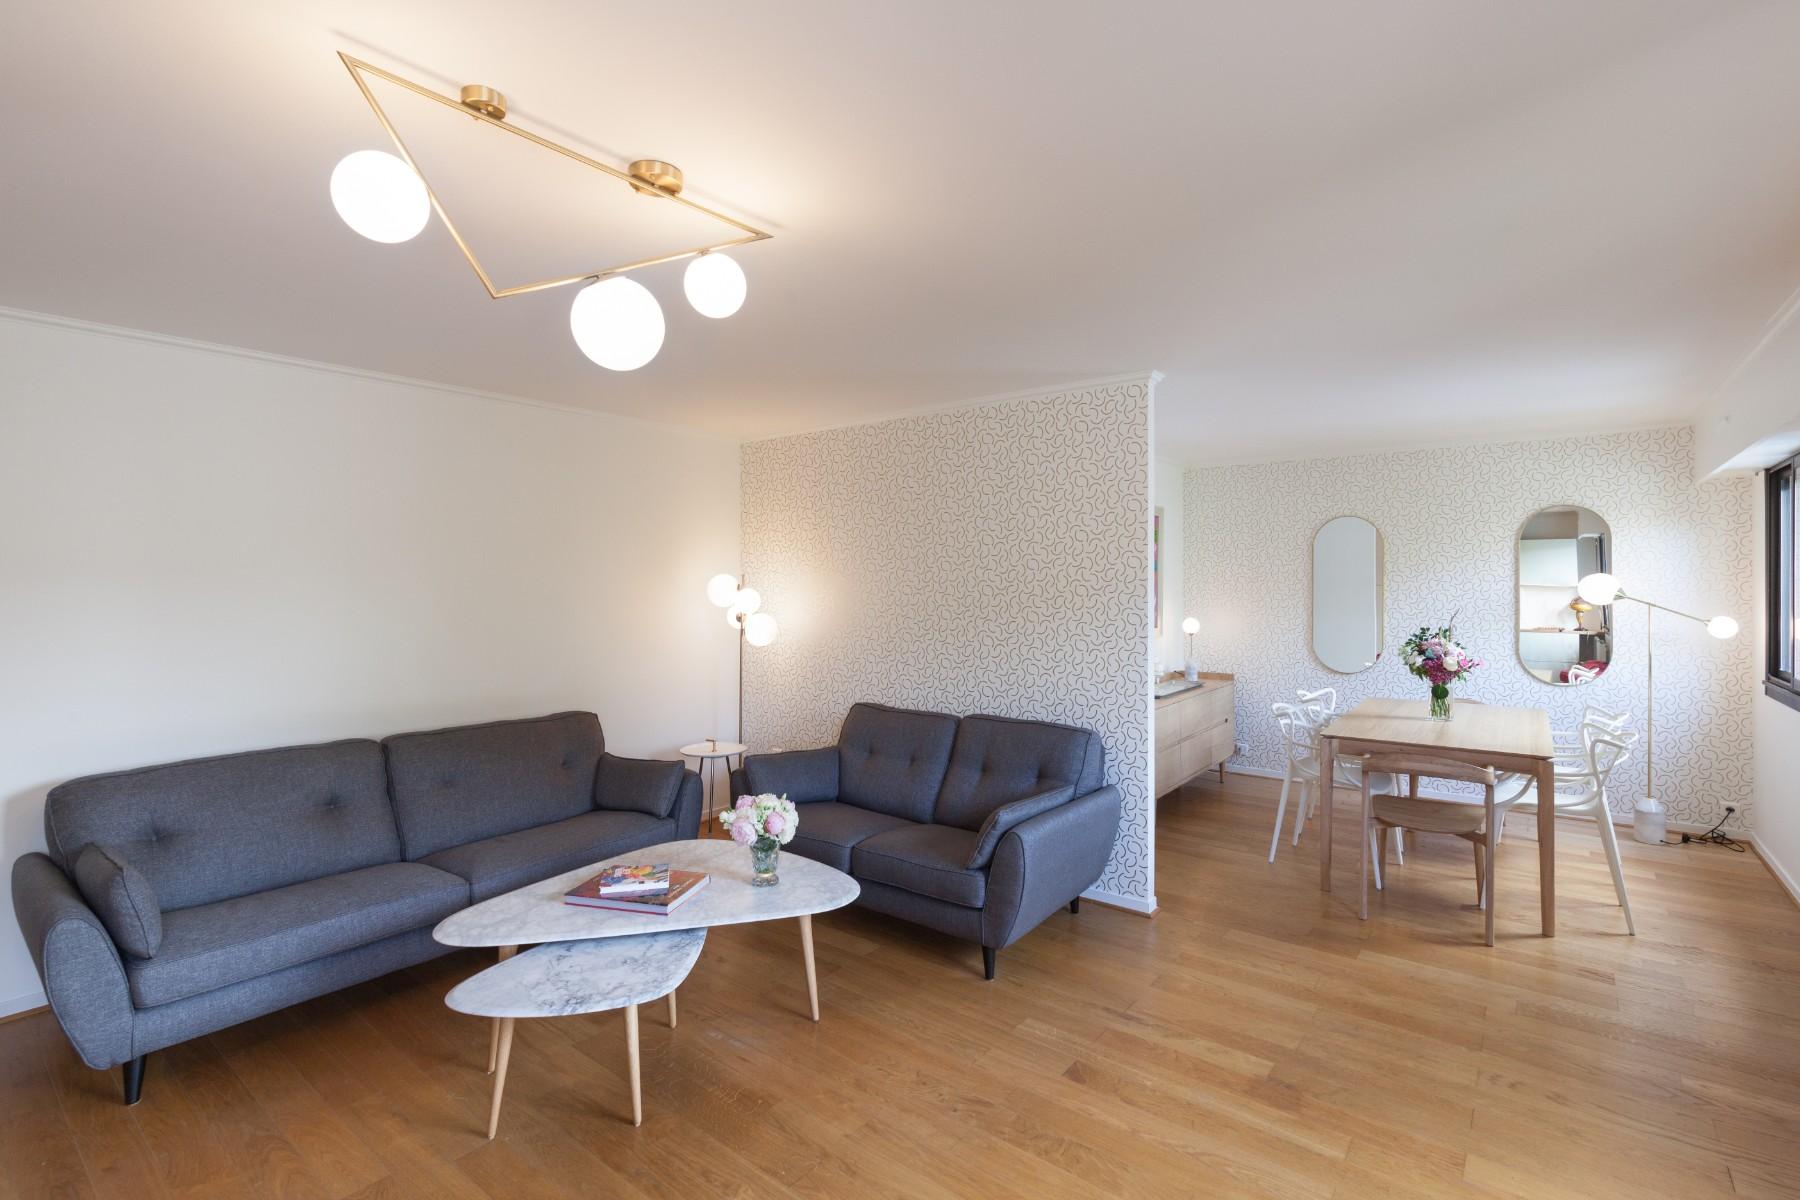 Rénovation d'un appartement à Paris aménagement de la pièce principale avec un architecte Archibien